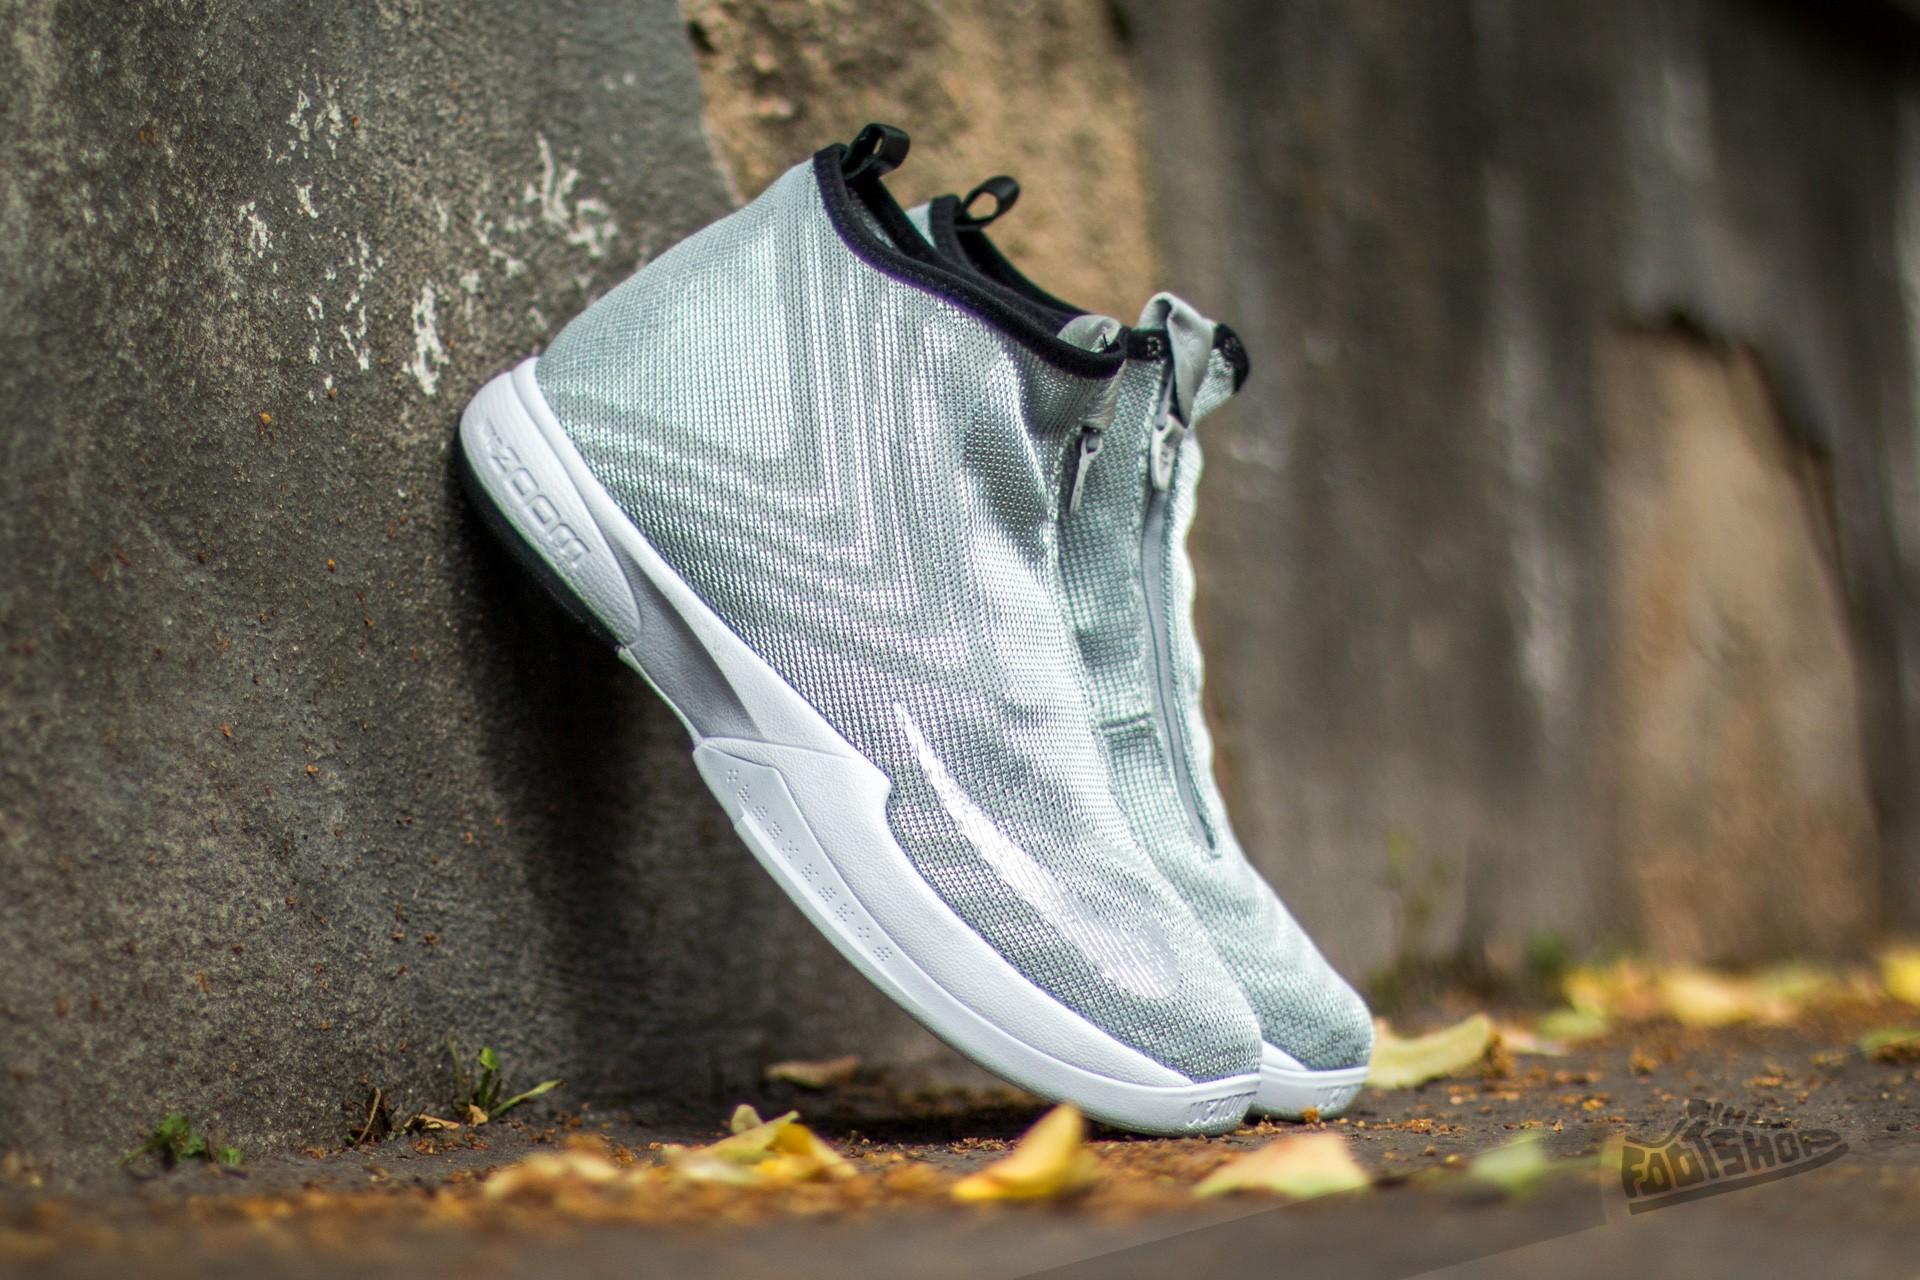 factory price 4bf59 90273 Nike Zoom Kobe Icon Jacquard Premium Metallic Silver  Metallic Silver-White -Black